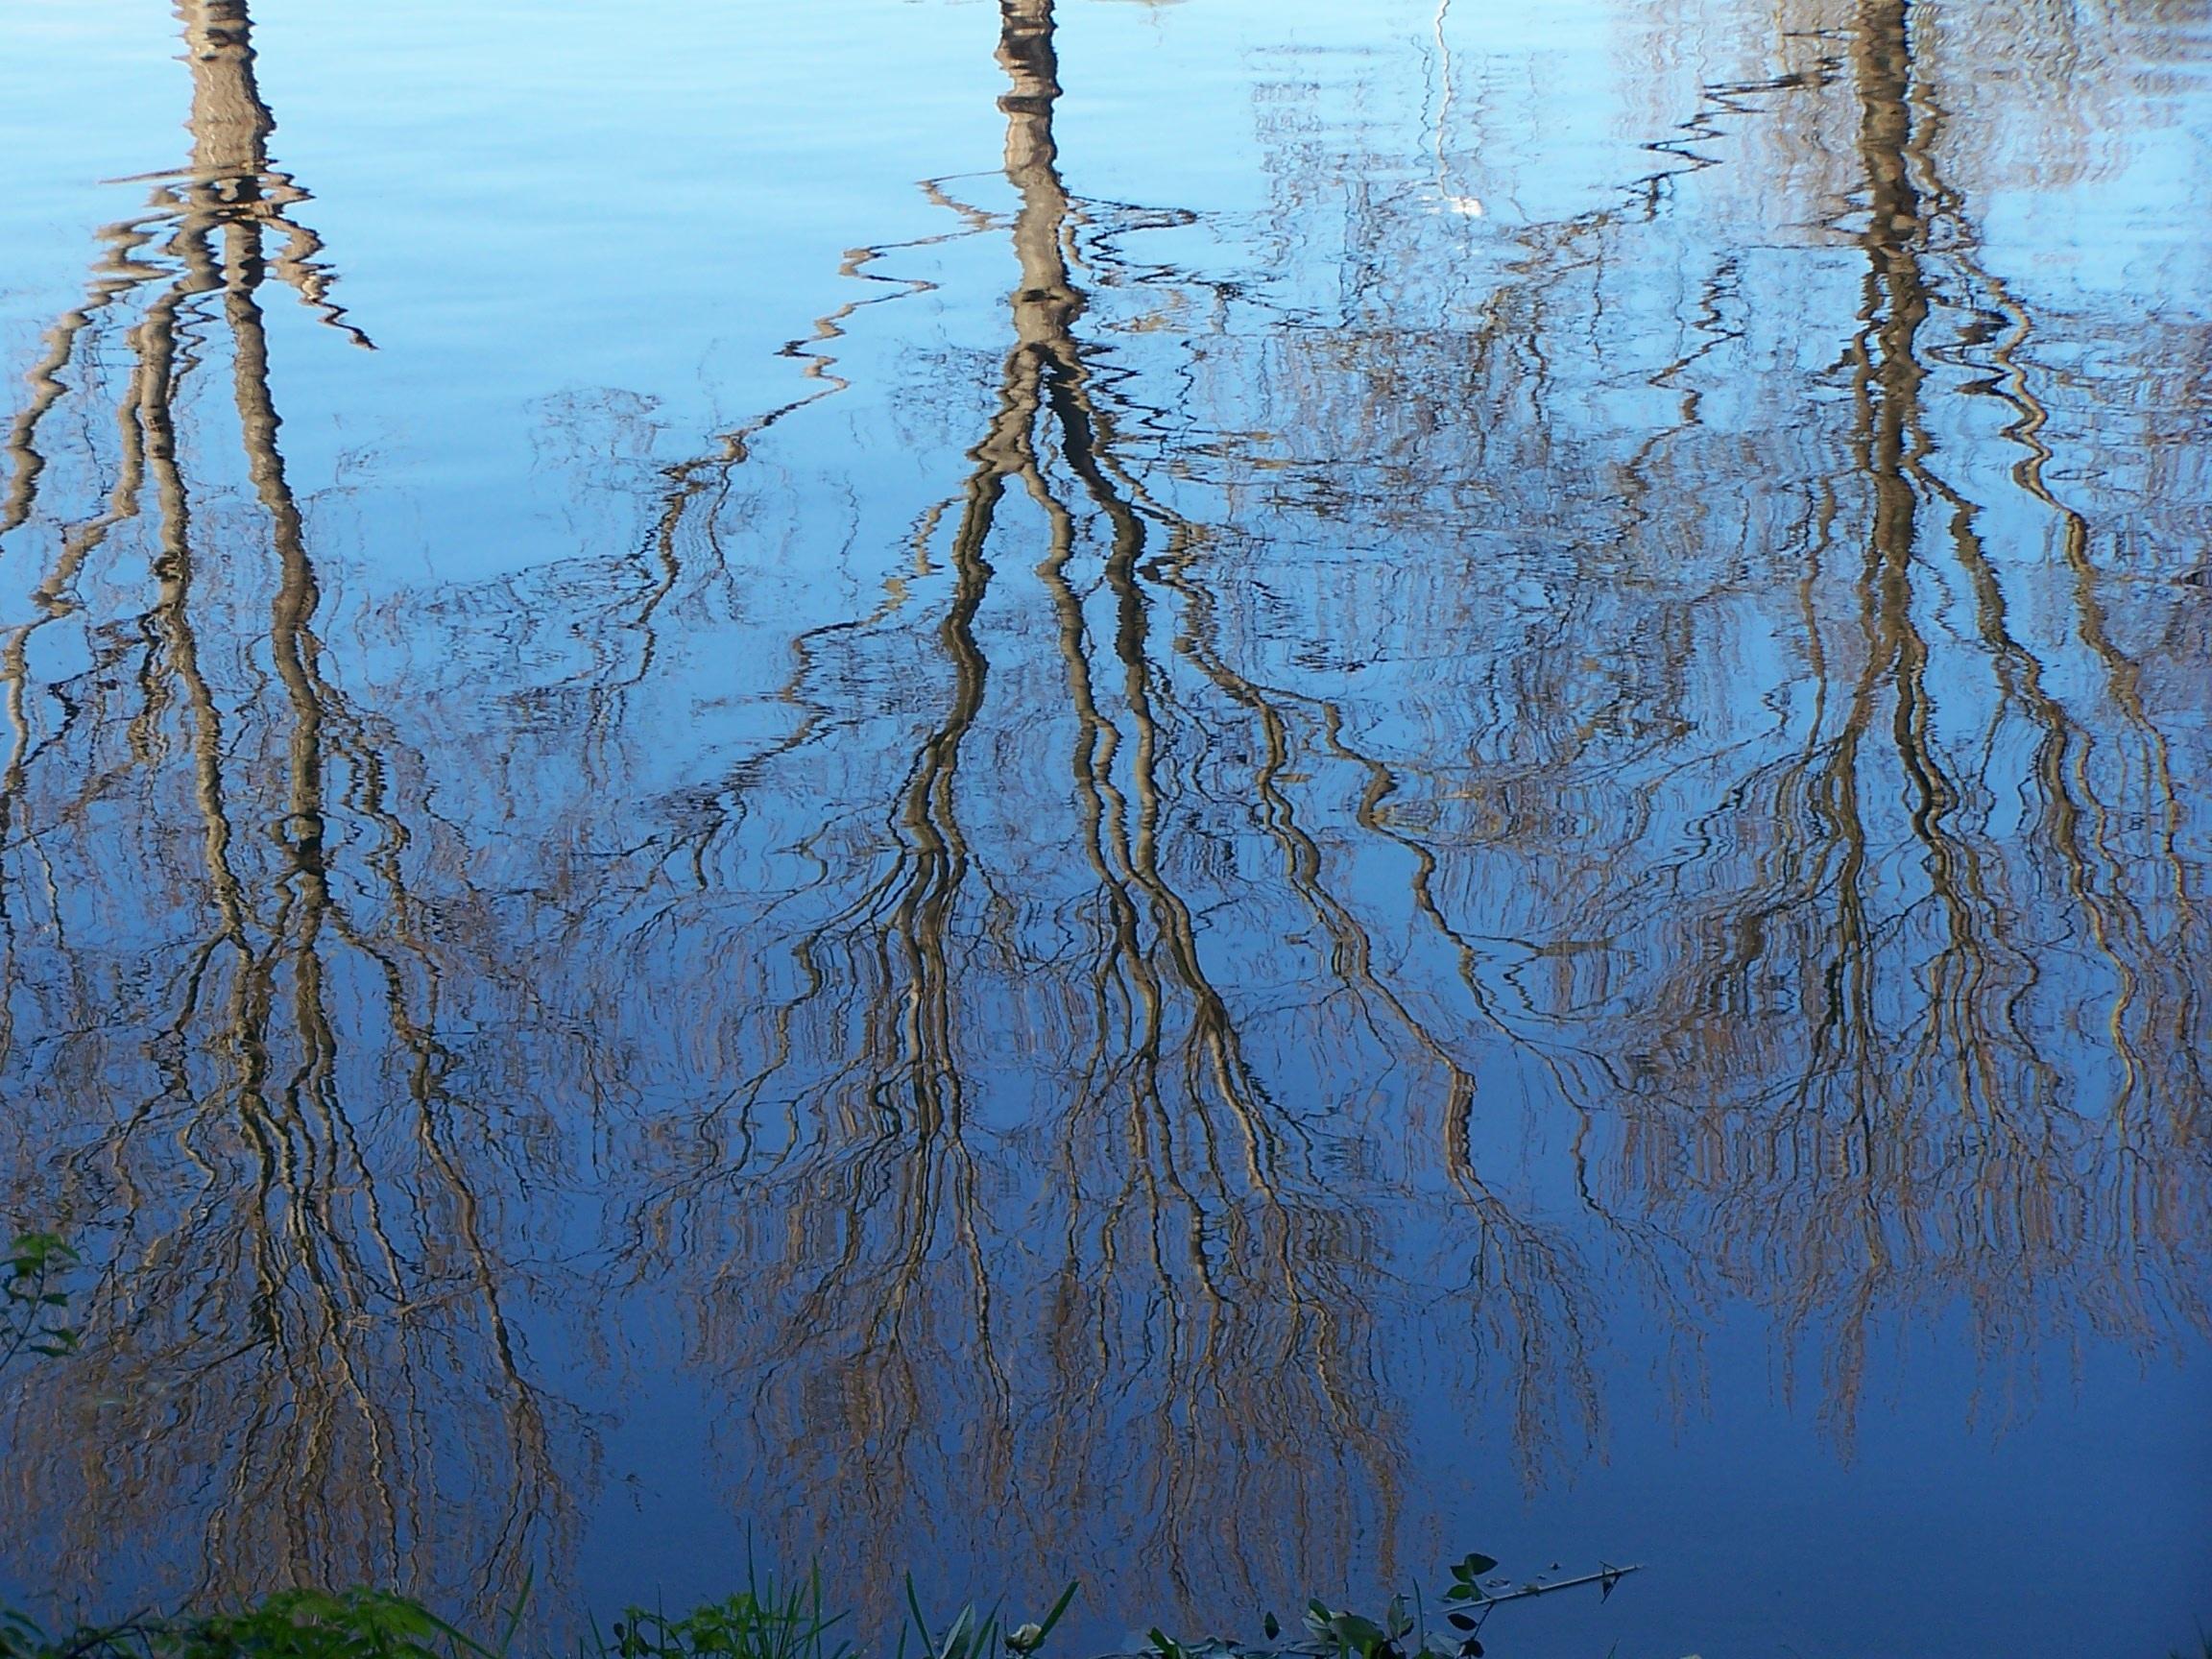 bomenreflectie in water roskencoaching